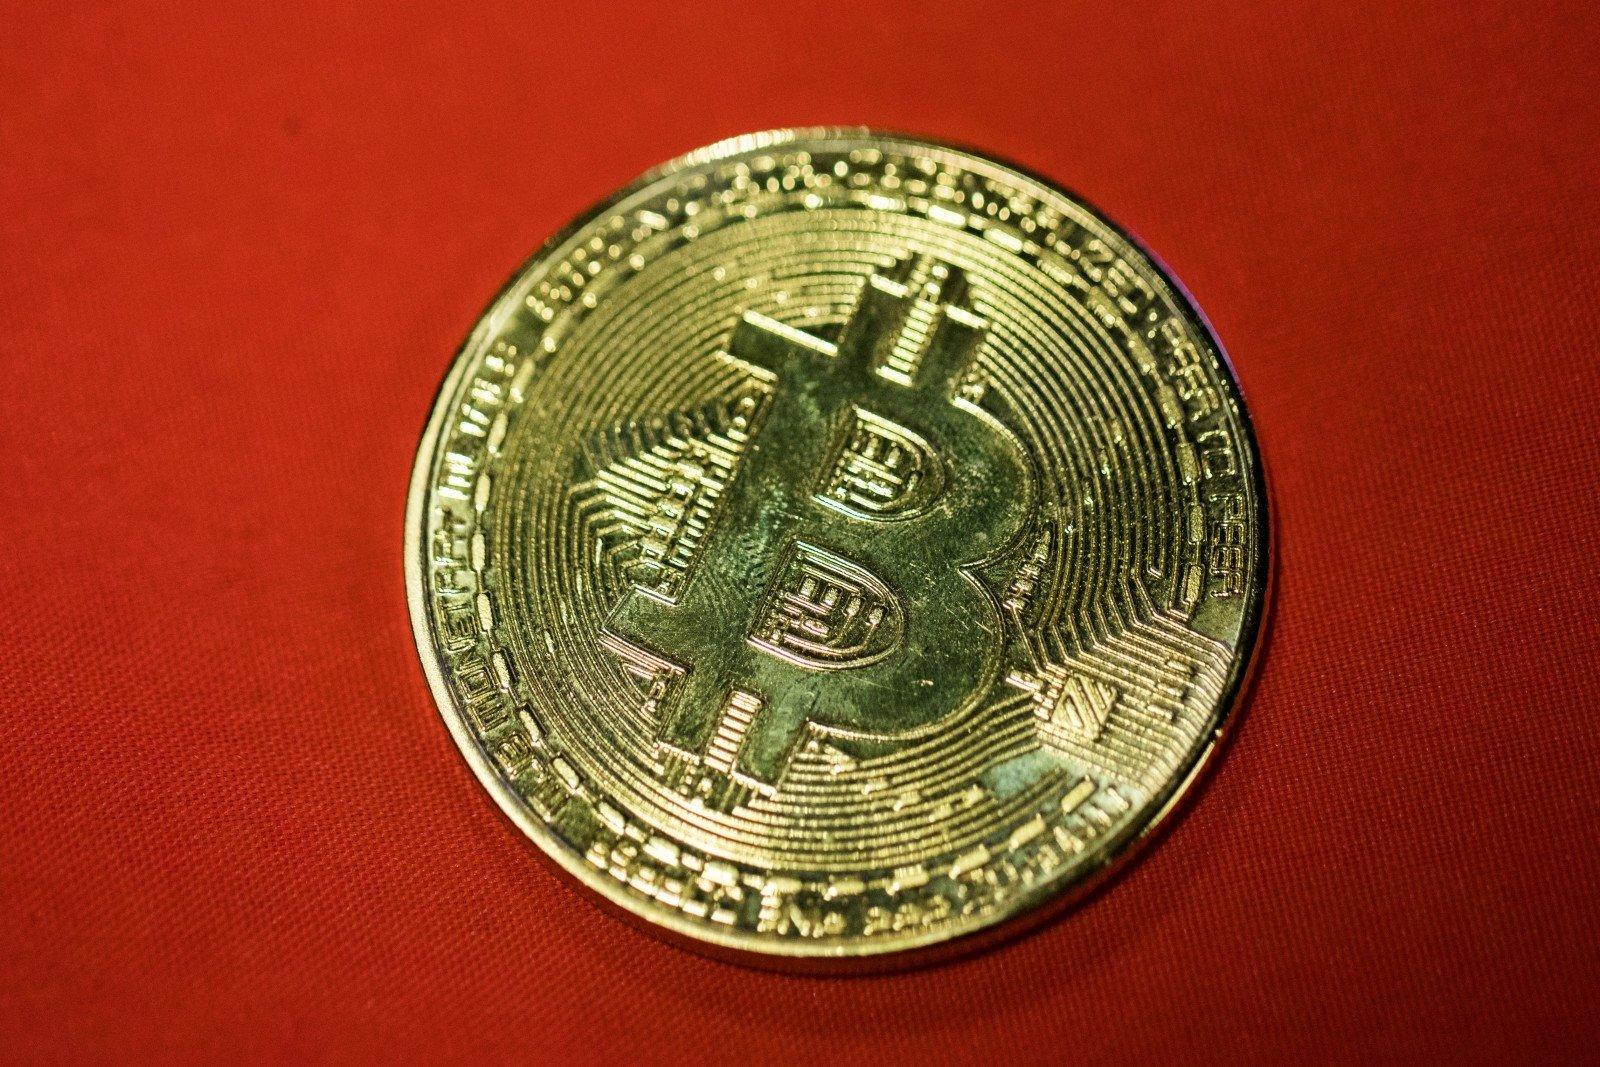 Ką reikia žinoti apie bitkoinus? - baltasisvoras.lt - naujienų ir žinių portalas